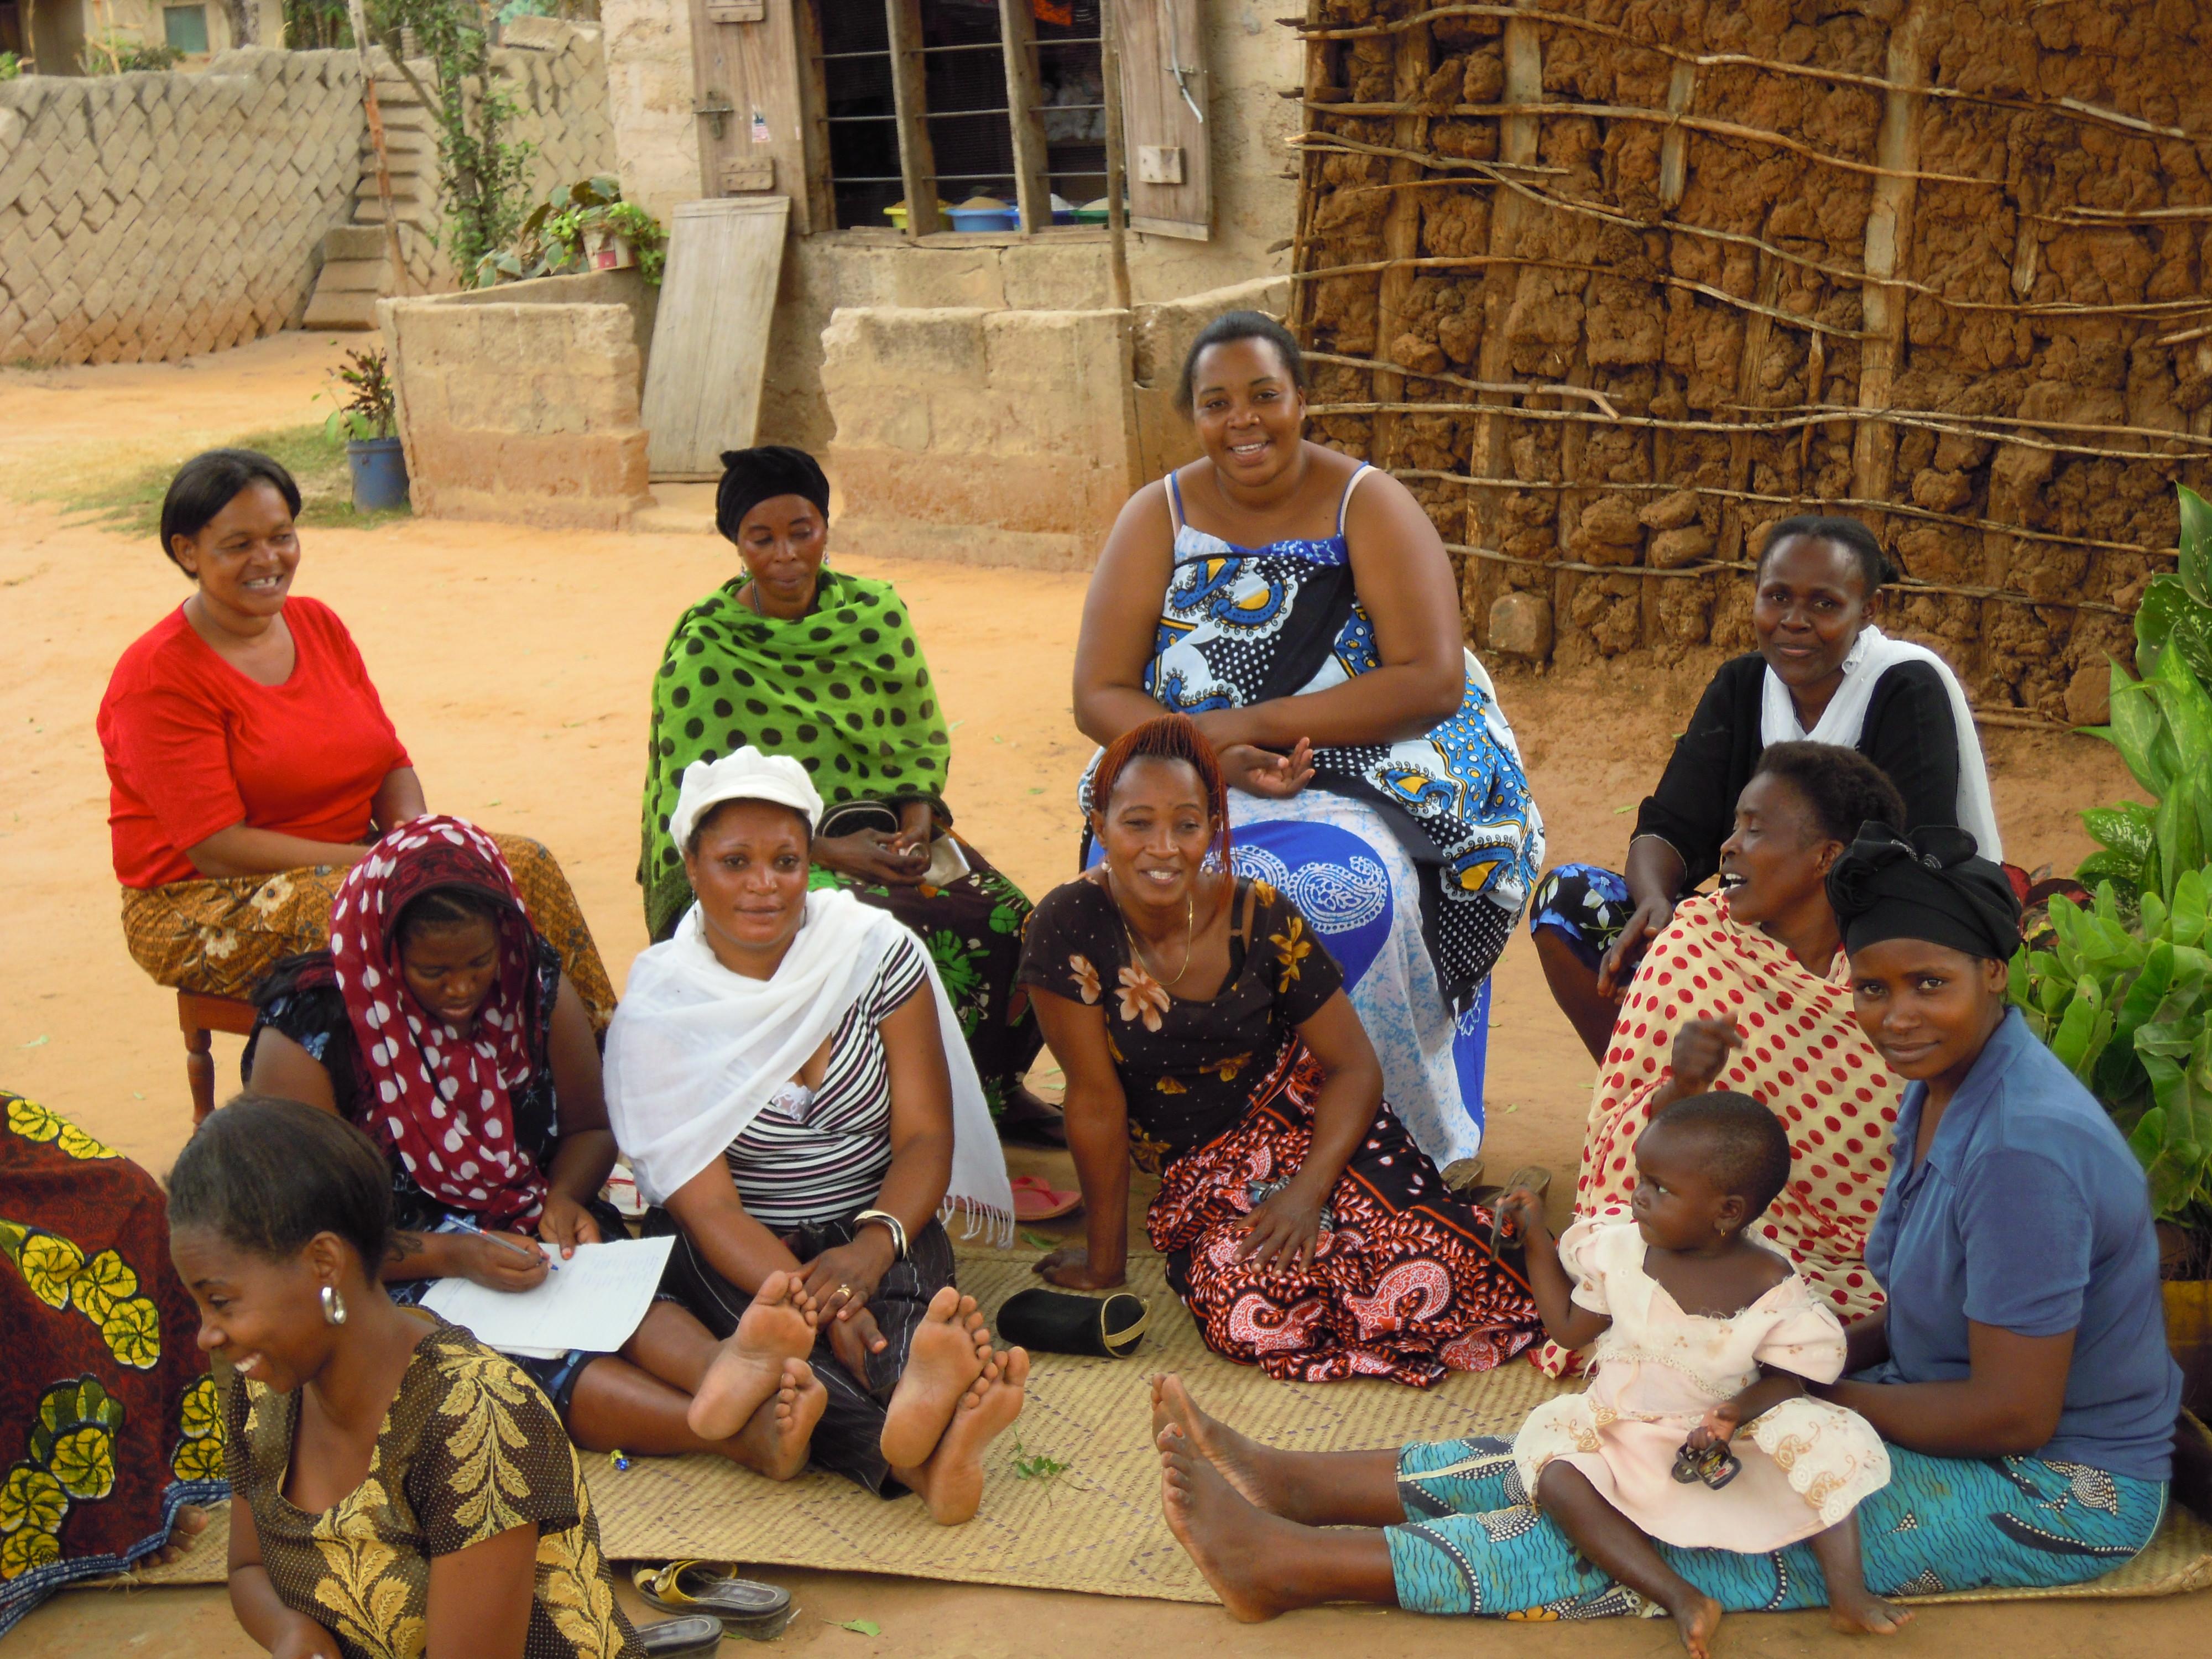 A Bagamoyo, le donne e i più deboli riescono a trovare il coraggio di segnalare le violenze subite grazie ai facilitatori di giustizia.